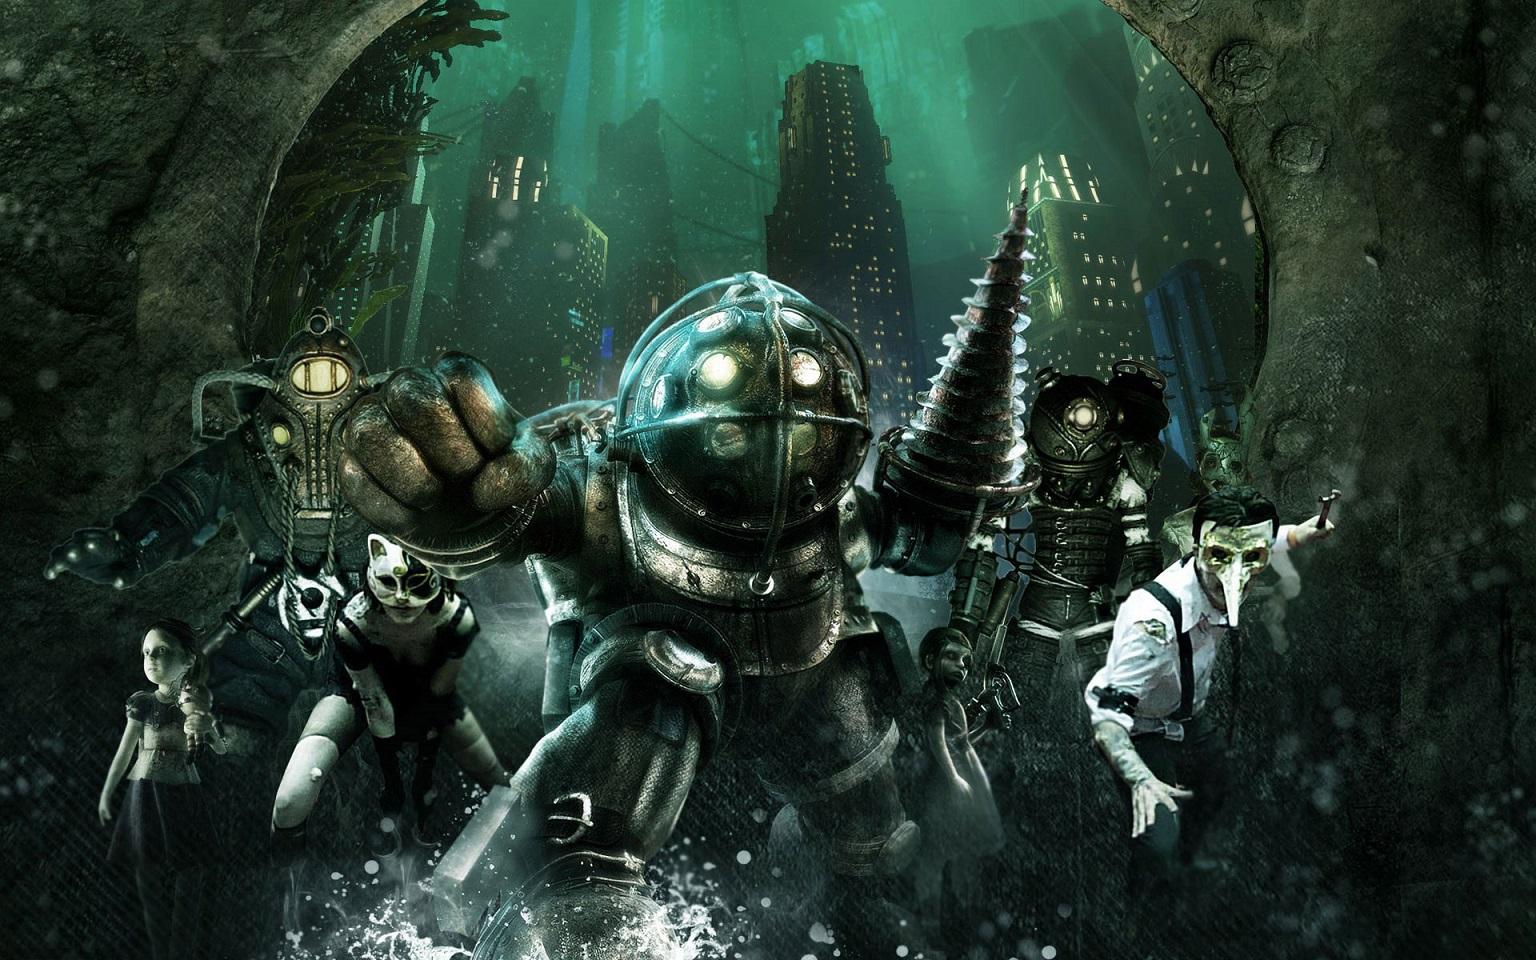 Как выгляделабы легендарная BioShock в2D. Видео